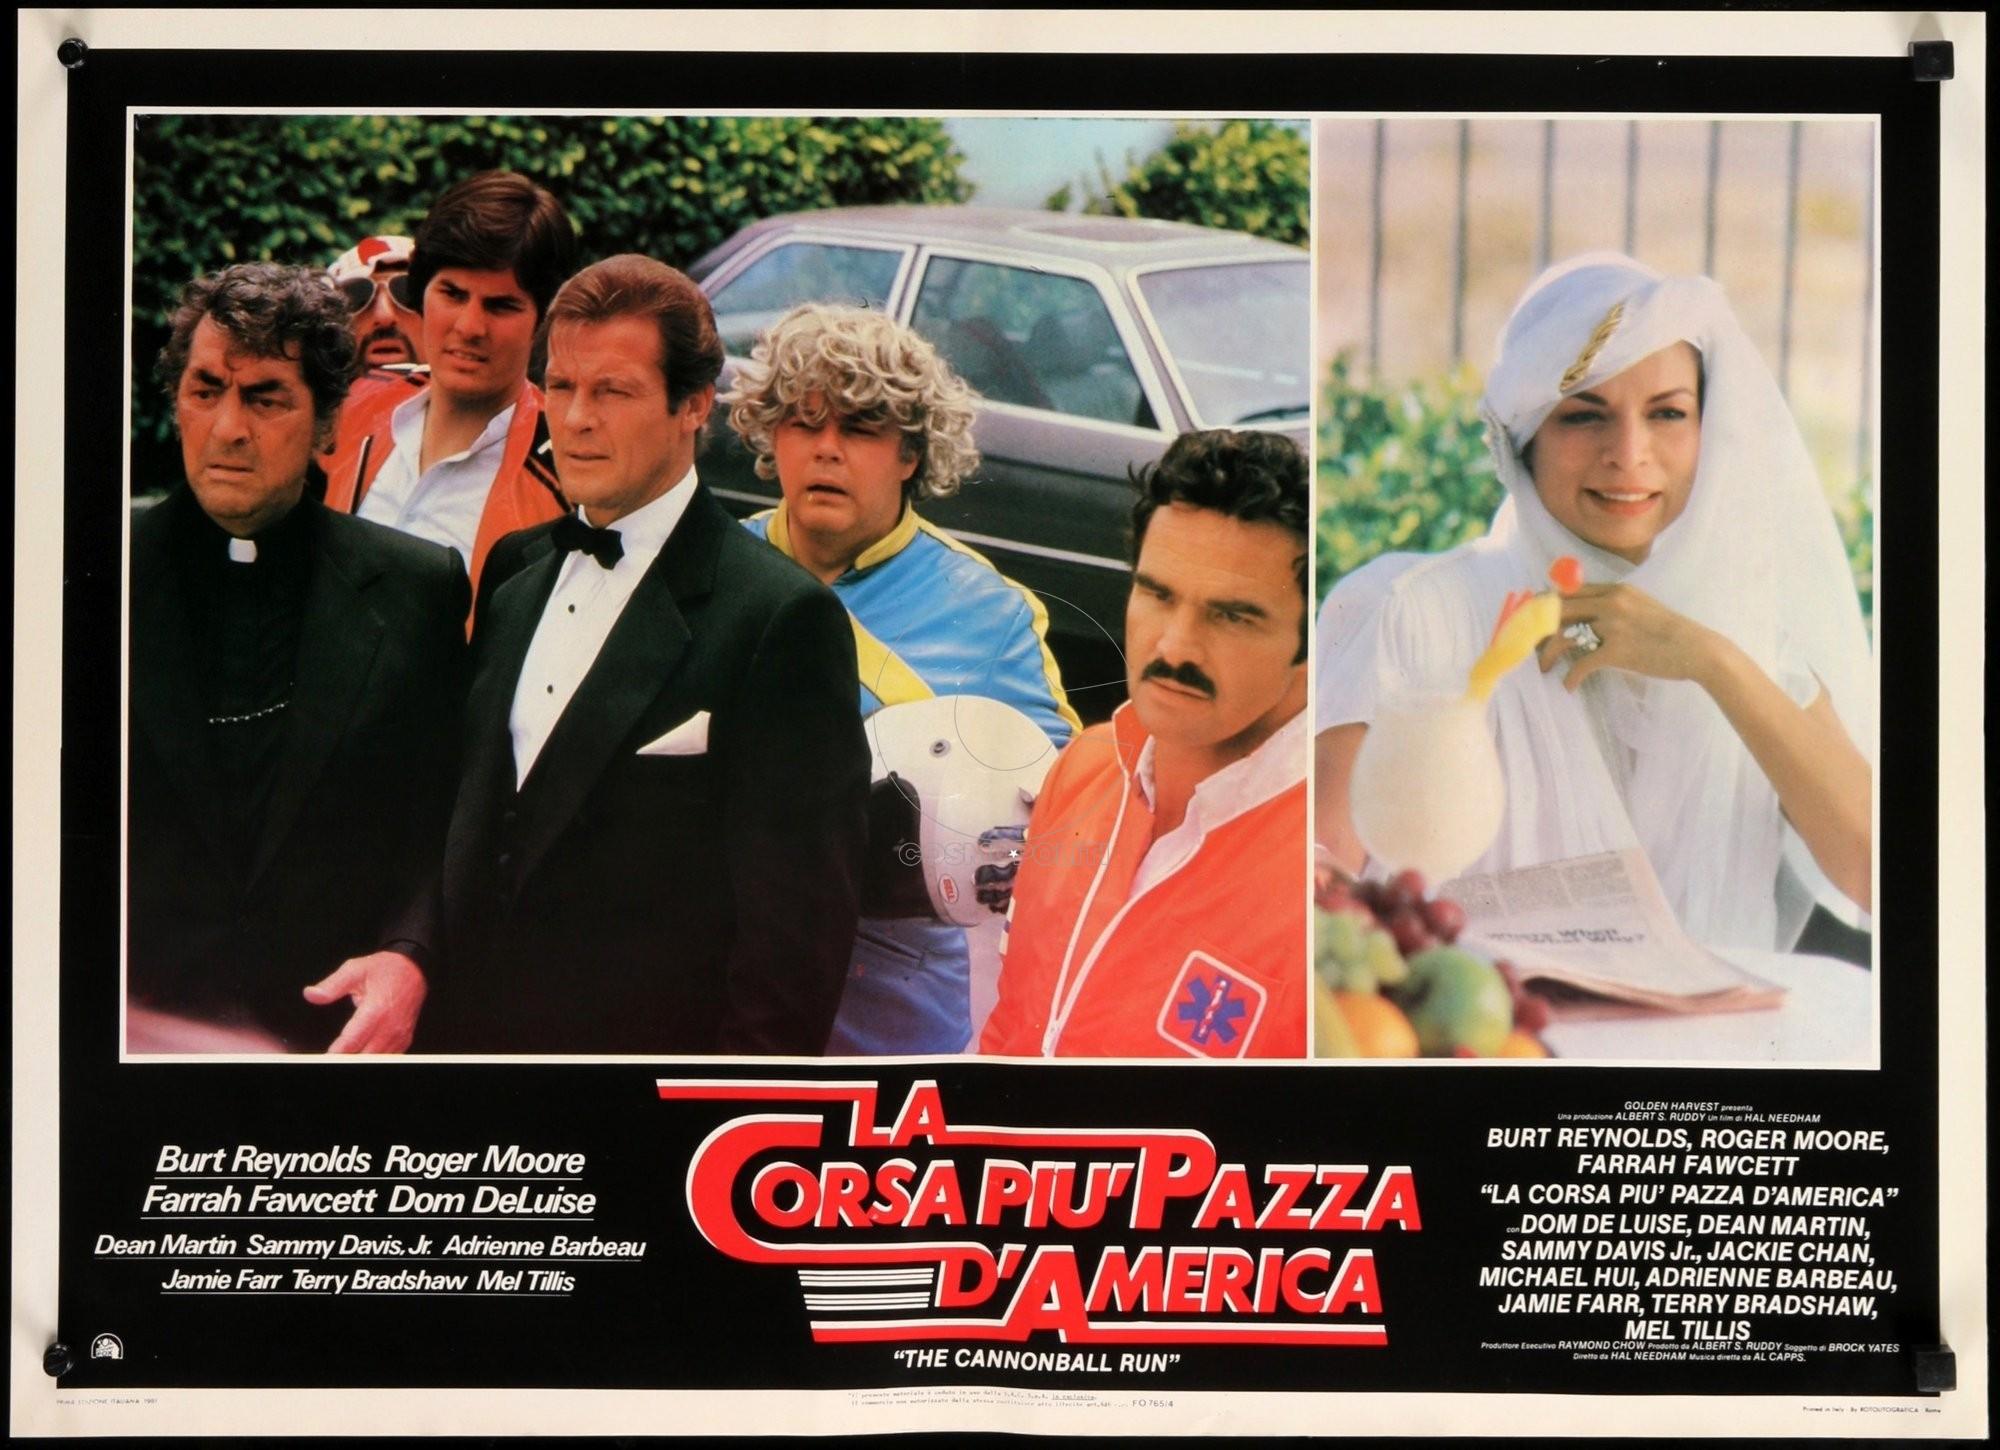 cannonball_run_1981_italian__2_original_film_art_2000x